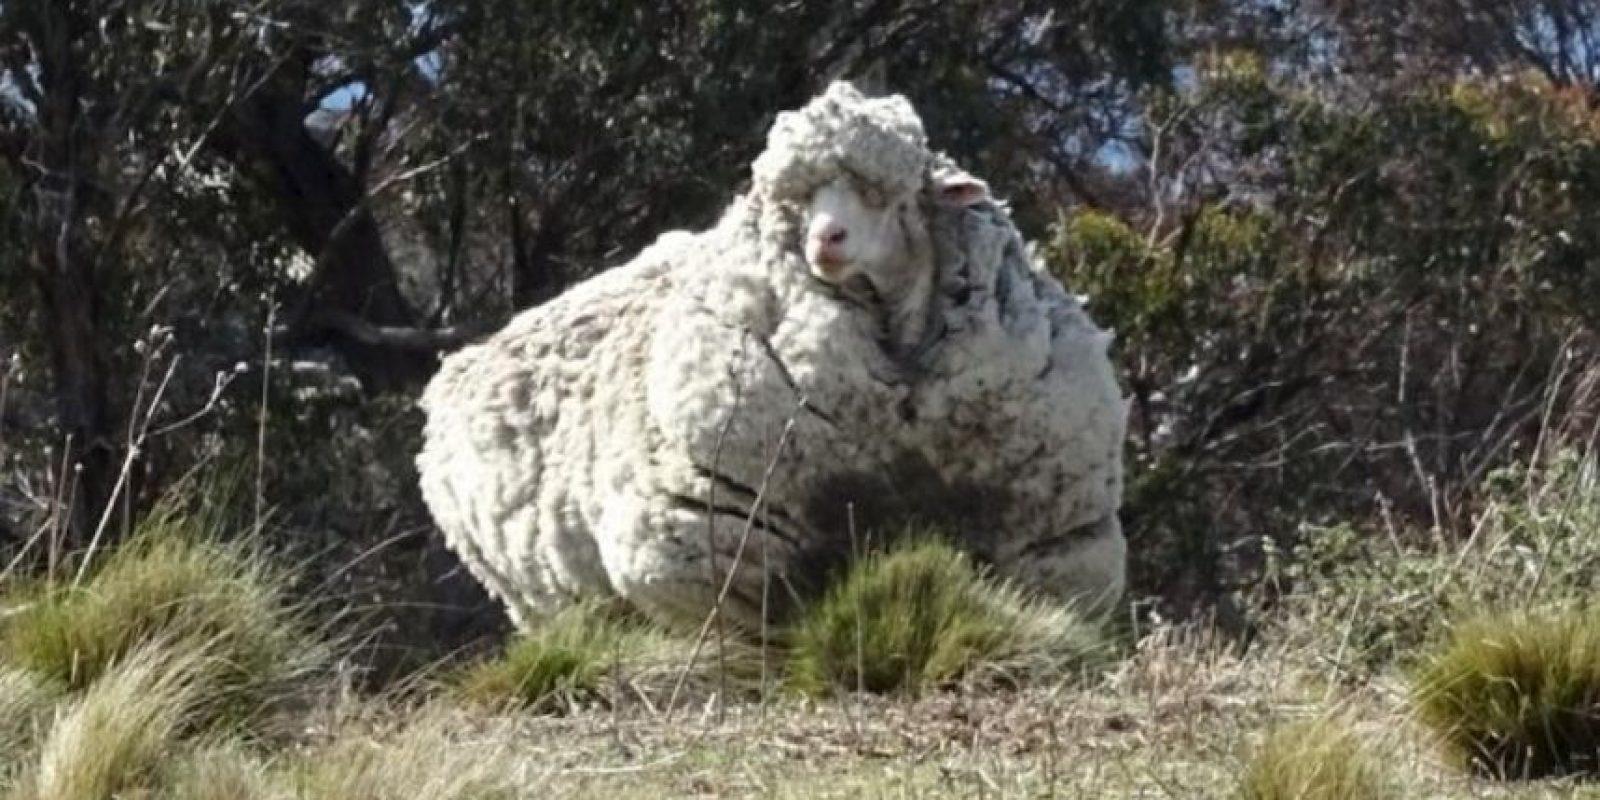 Se desconoce de quien es la oveja. Foto:Vía Twitter @tvendange